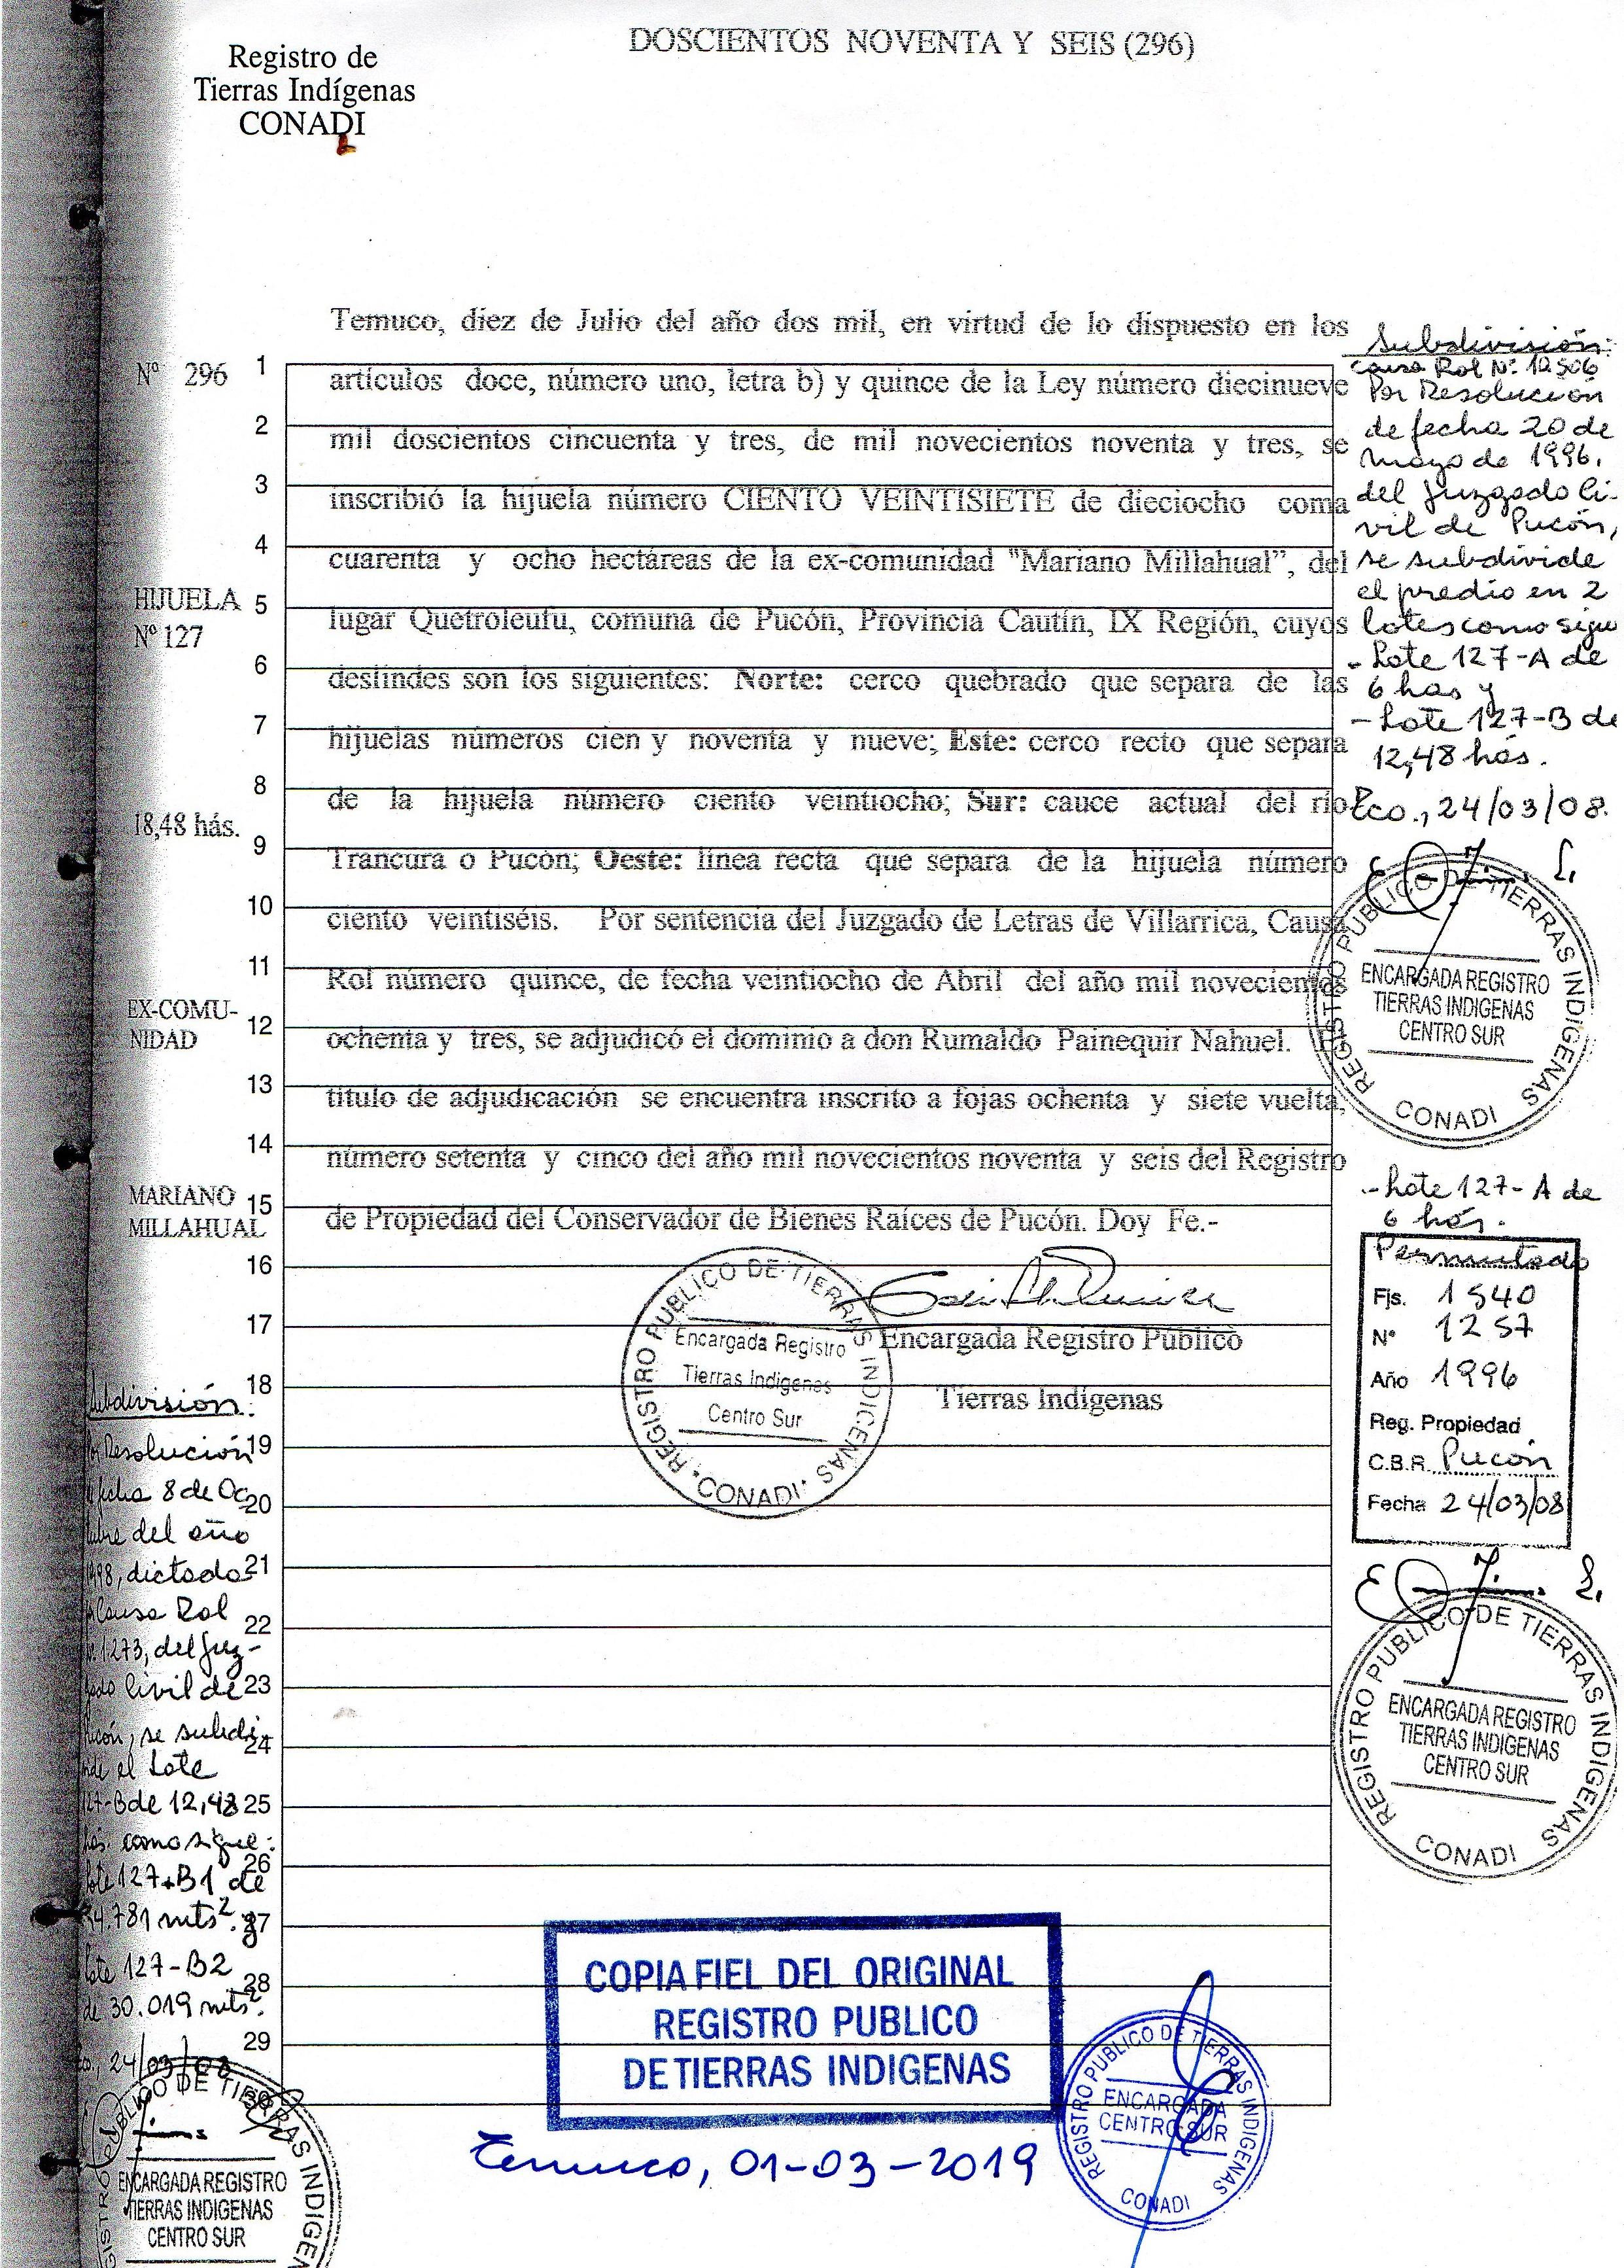 Inscripción de la Hijuela 127 a nombre de Rumaldo Painaquir en el Registro Público de Tierras Indígenas / Interferencia